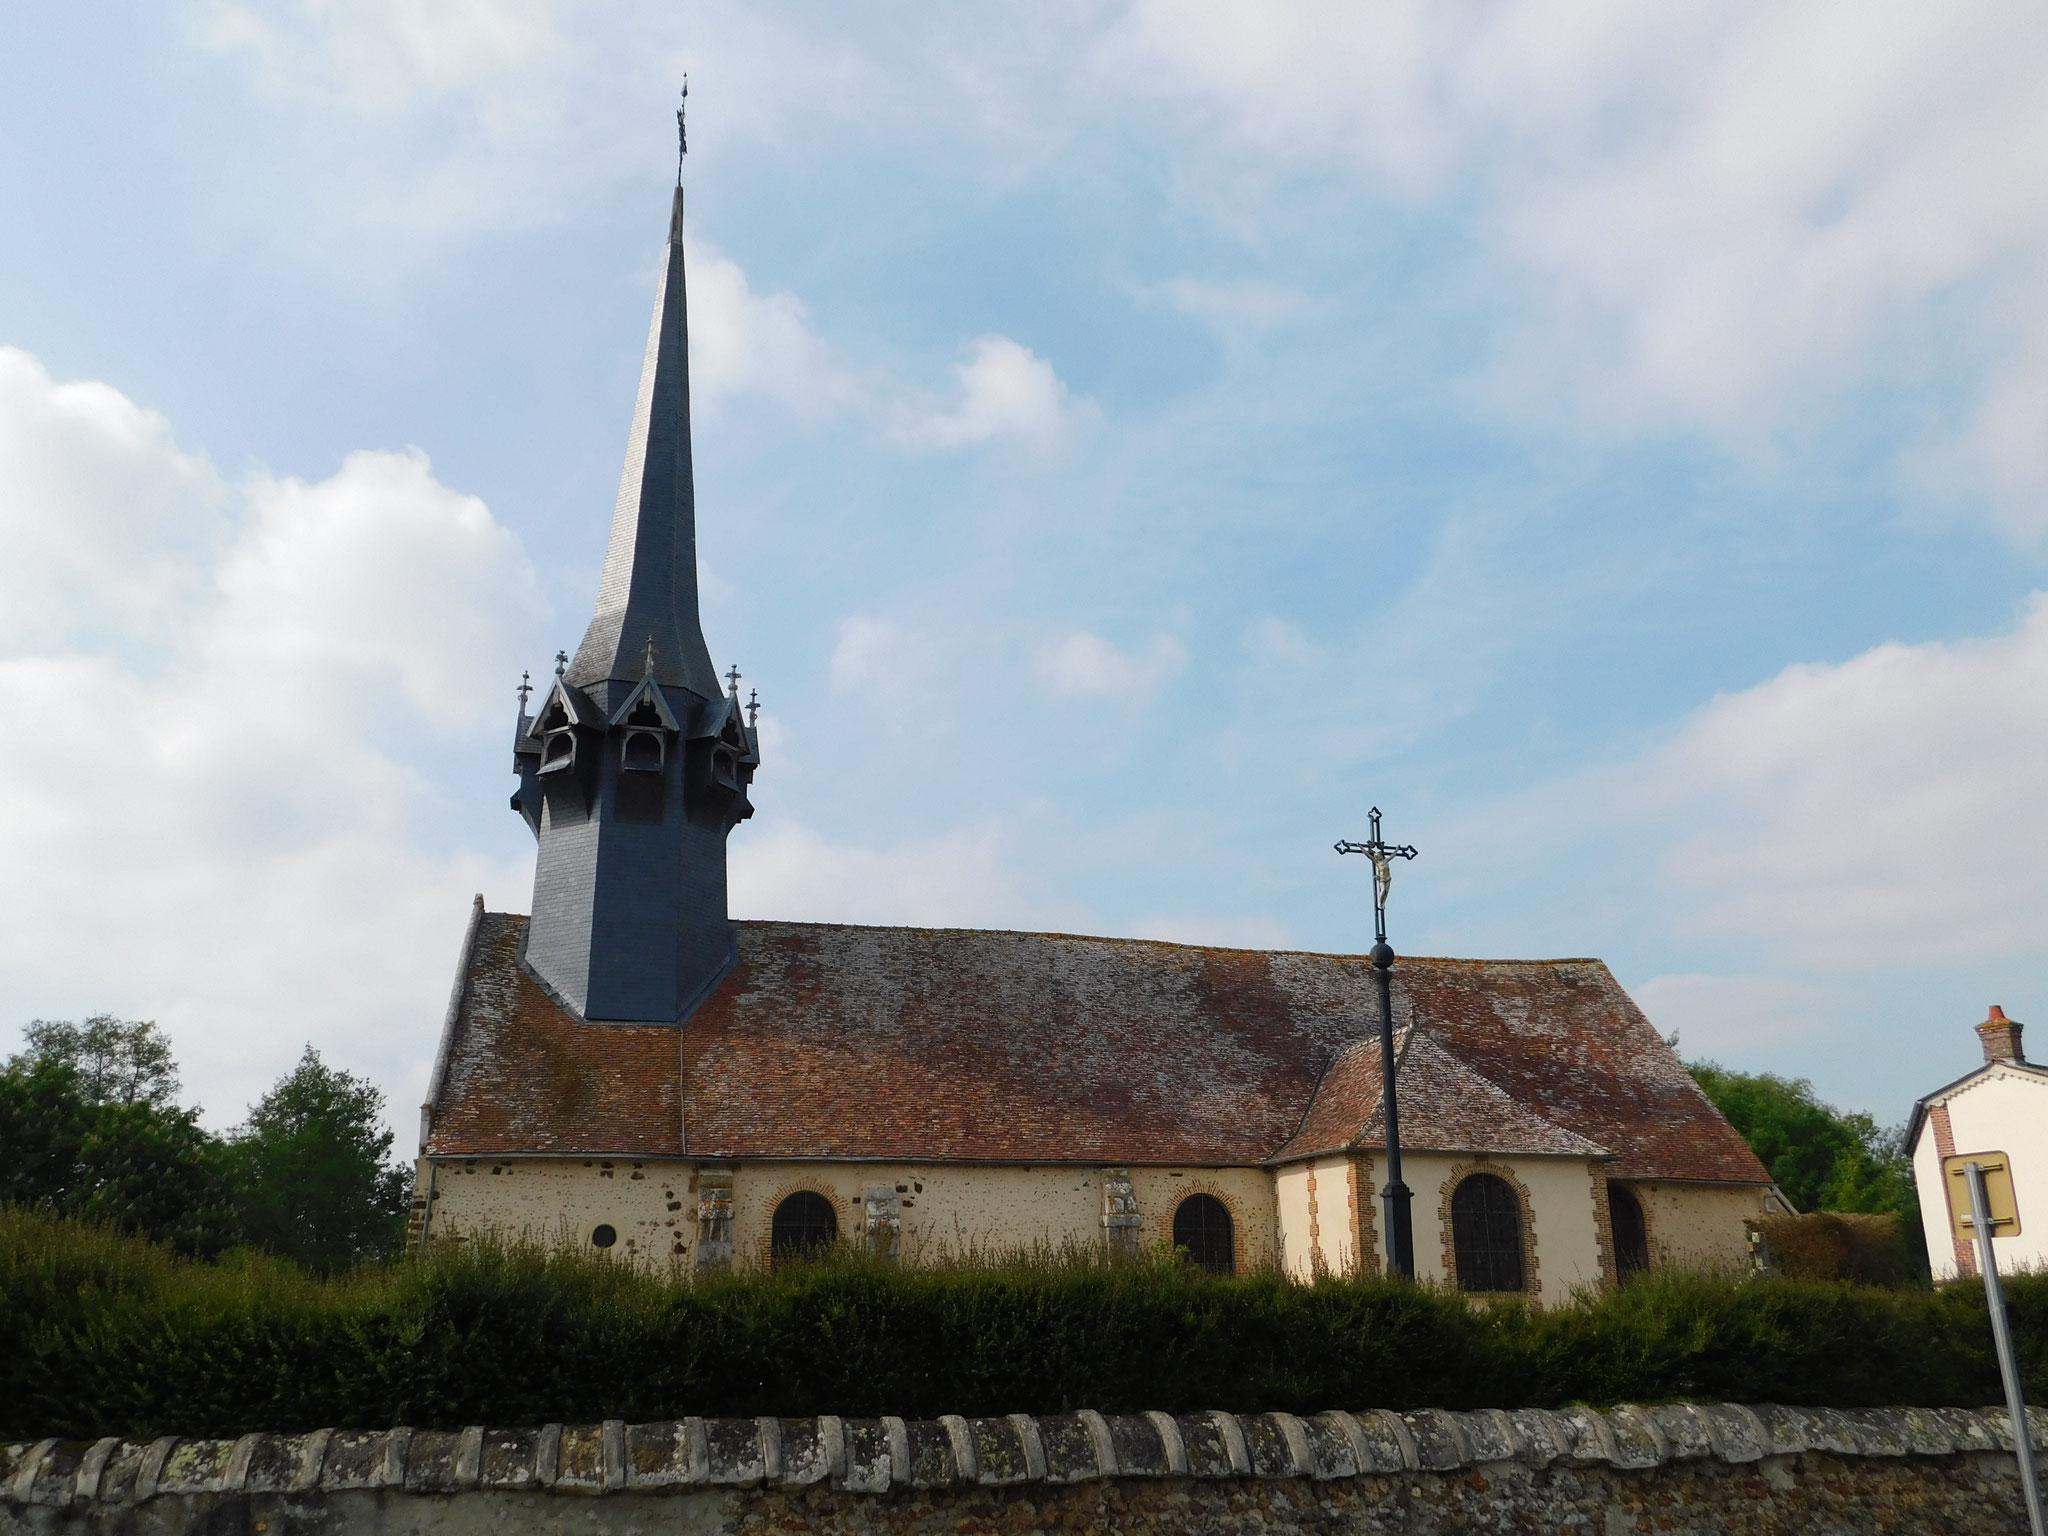 Eglise : expertise charpente bois de la flèche (structure - état parasitaire)